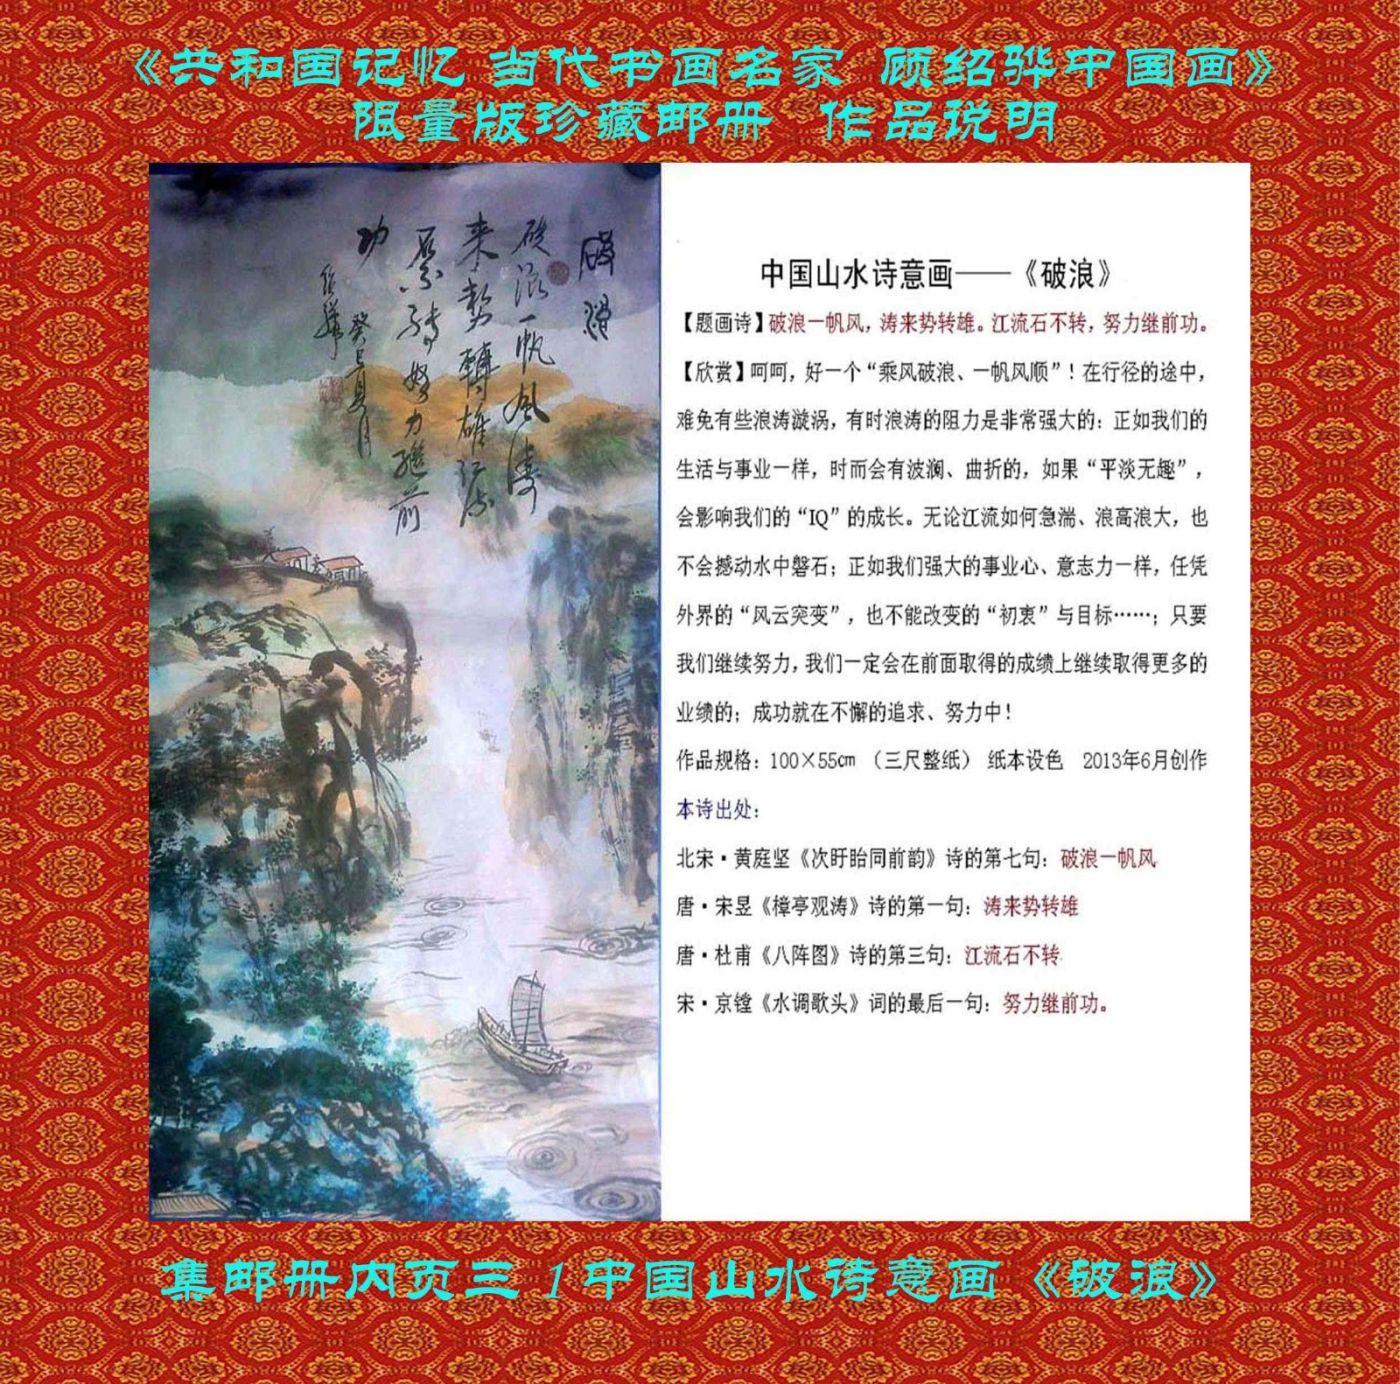 """""""顾绍骅的诗情画意""""入选《共和国记忆 ·中国书画艺术名家》限量版集邮珍藏册 ..._图1-17"""